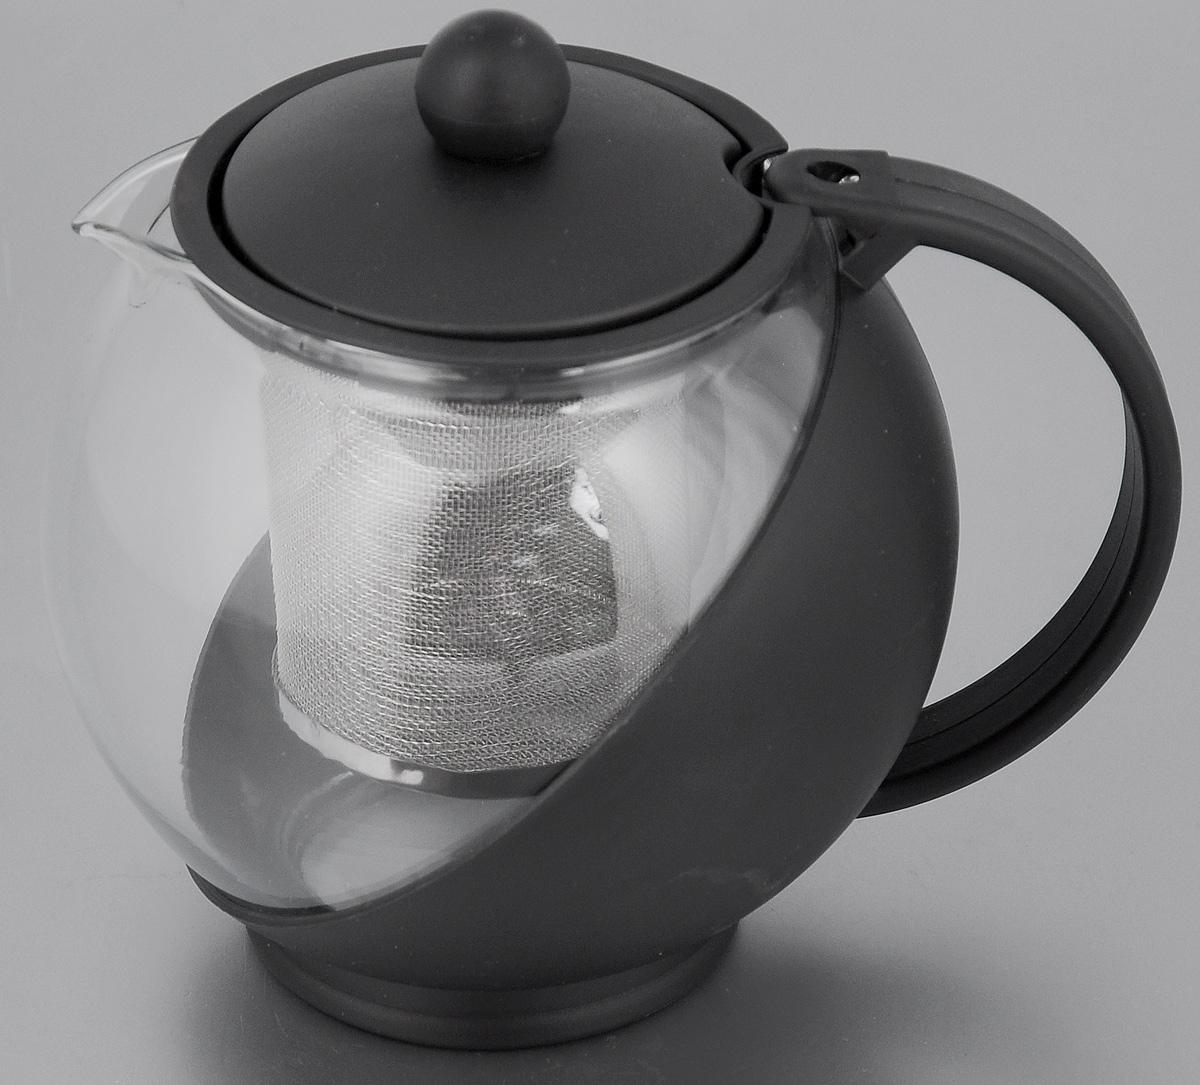 Чайник заварочный Mayer & Boch, с фильтром, цвет: прозрачный, черный, 750 мл. 25738